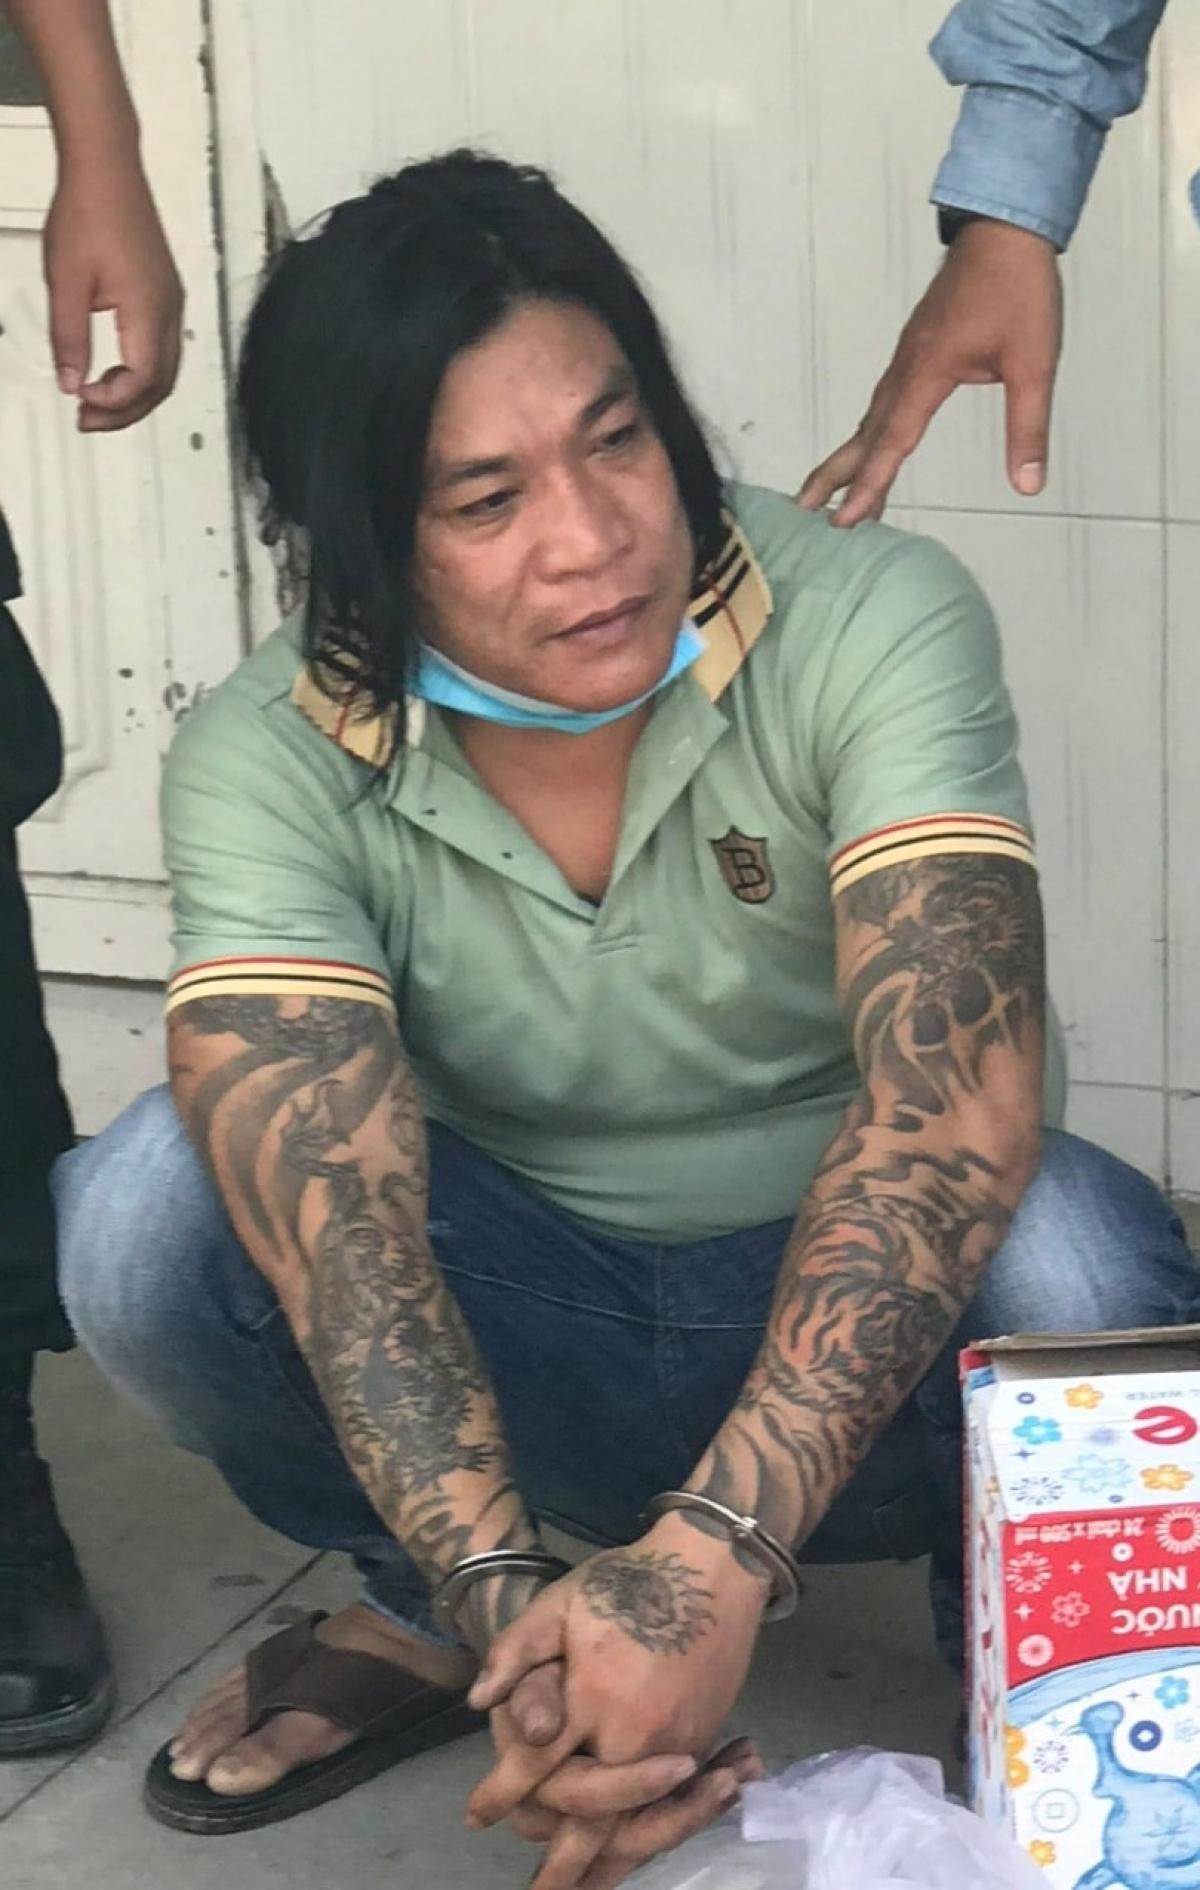 Đối tượng cầm đầu băng nhóm cho vay nặng lãi, đòi nợ thuê, mua bán ma túy tại huyện Gò Công Tây vừa bị khởi tố